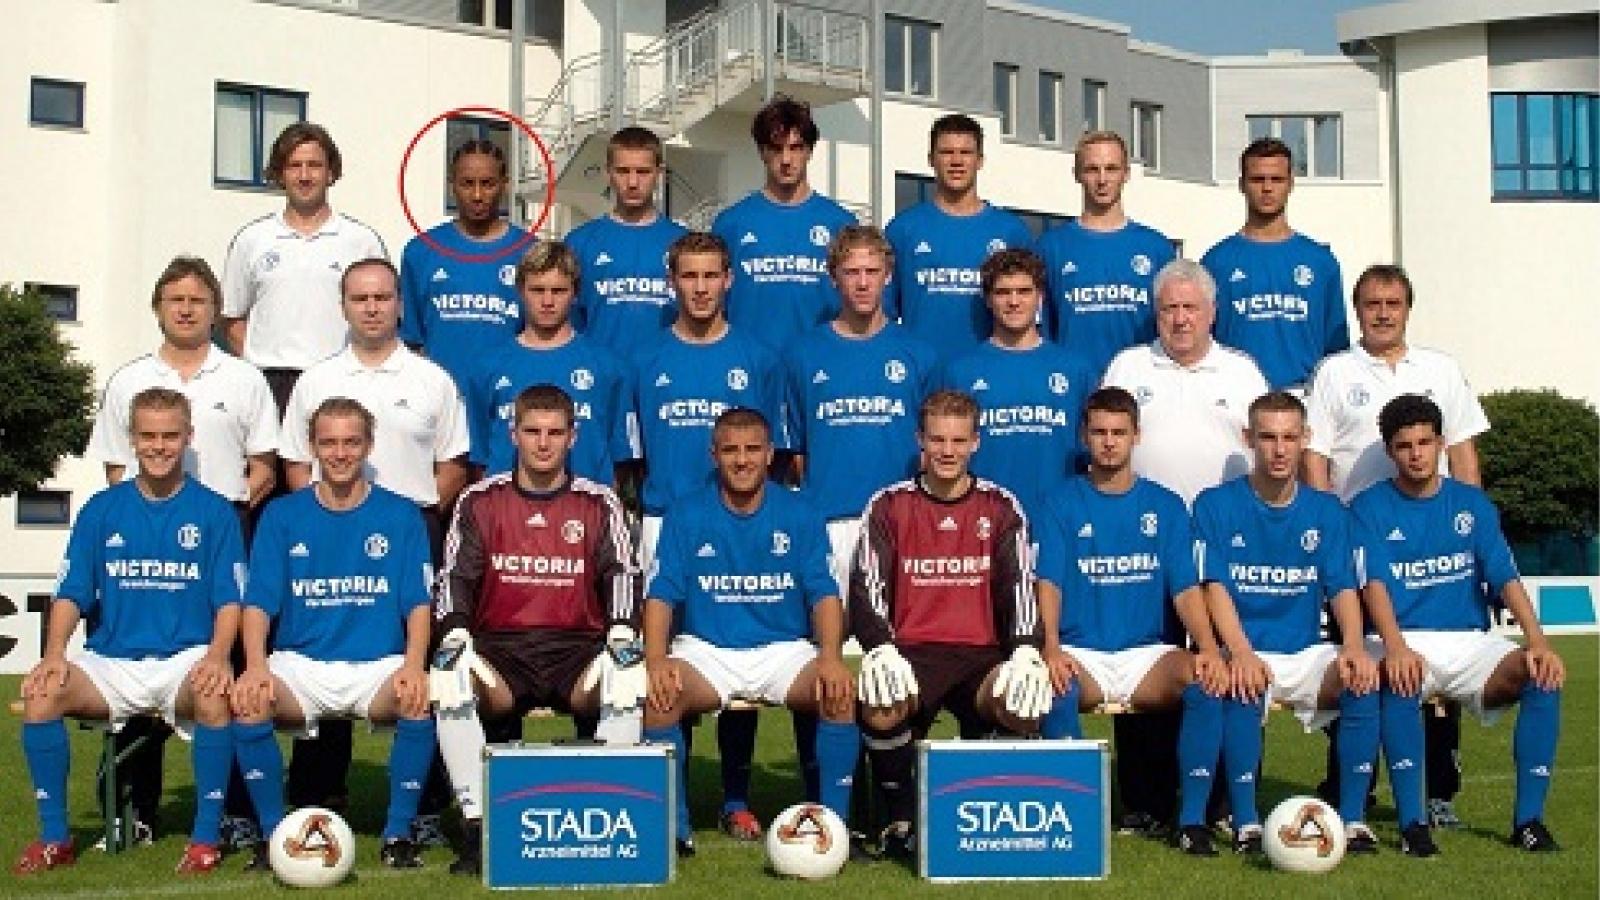 Cựu cầu thủ Schalke 04 còn sống sau 4 năm... qua đời vì tai nạn